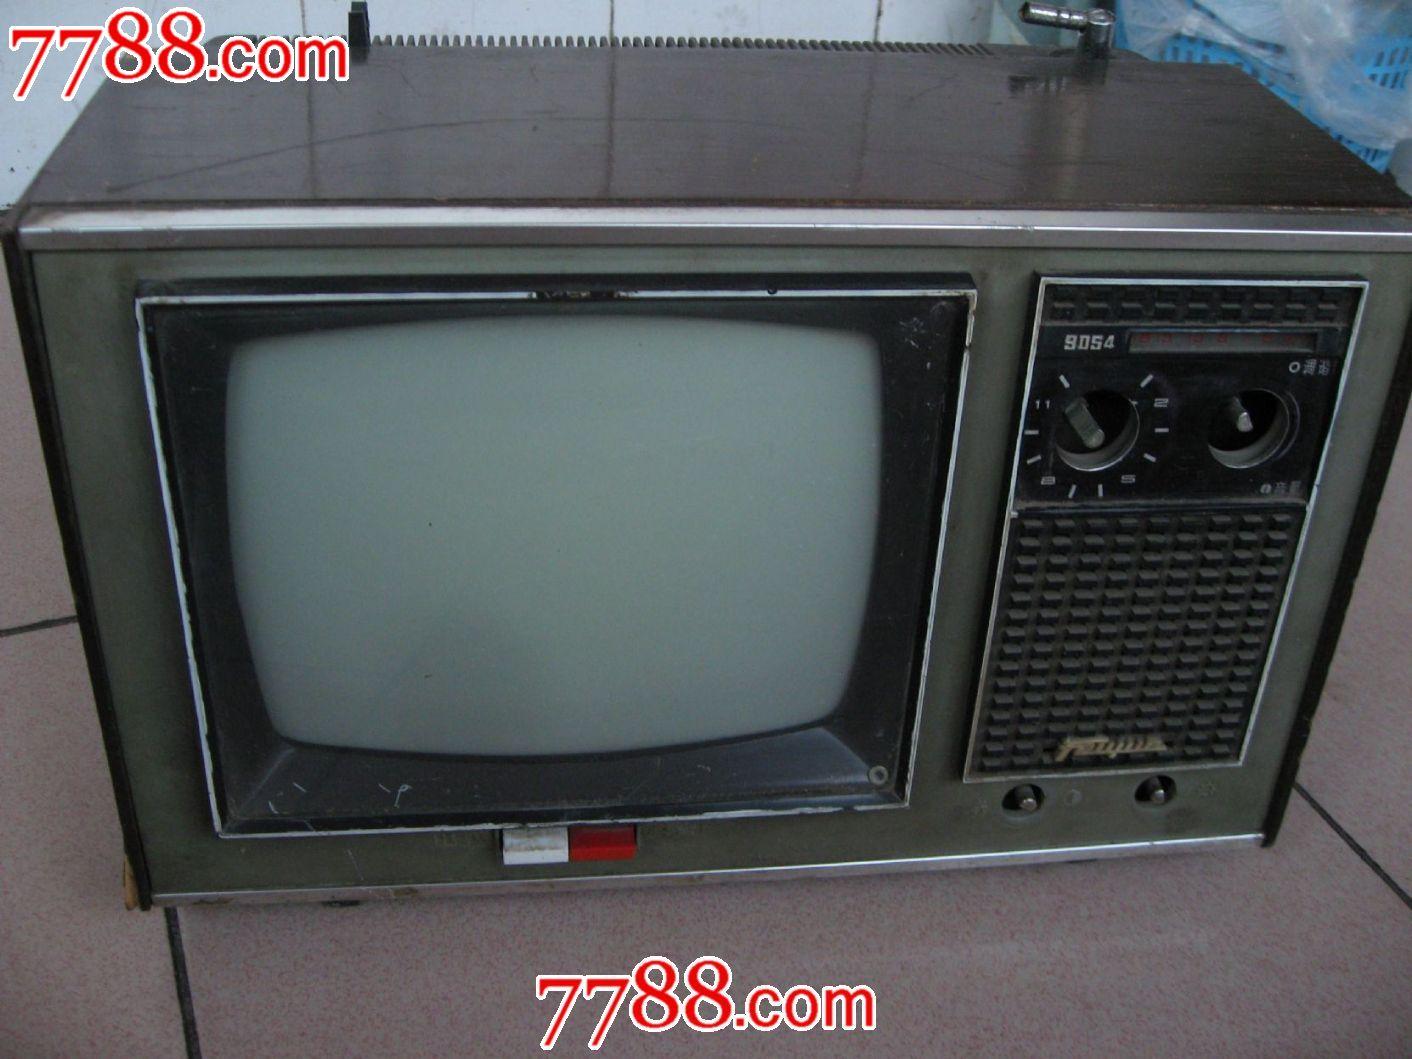 飛躍牌黑白電視機9寸(9ds4型)